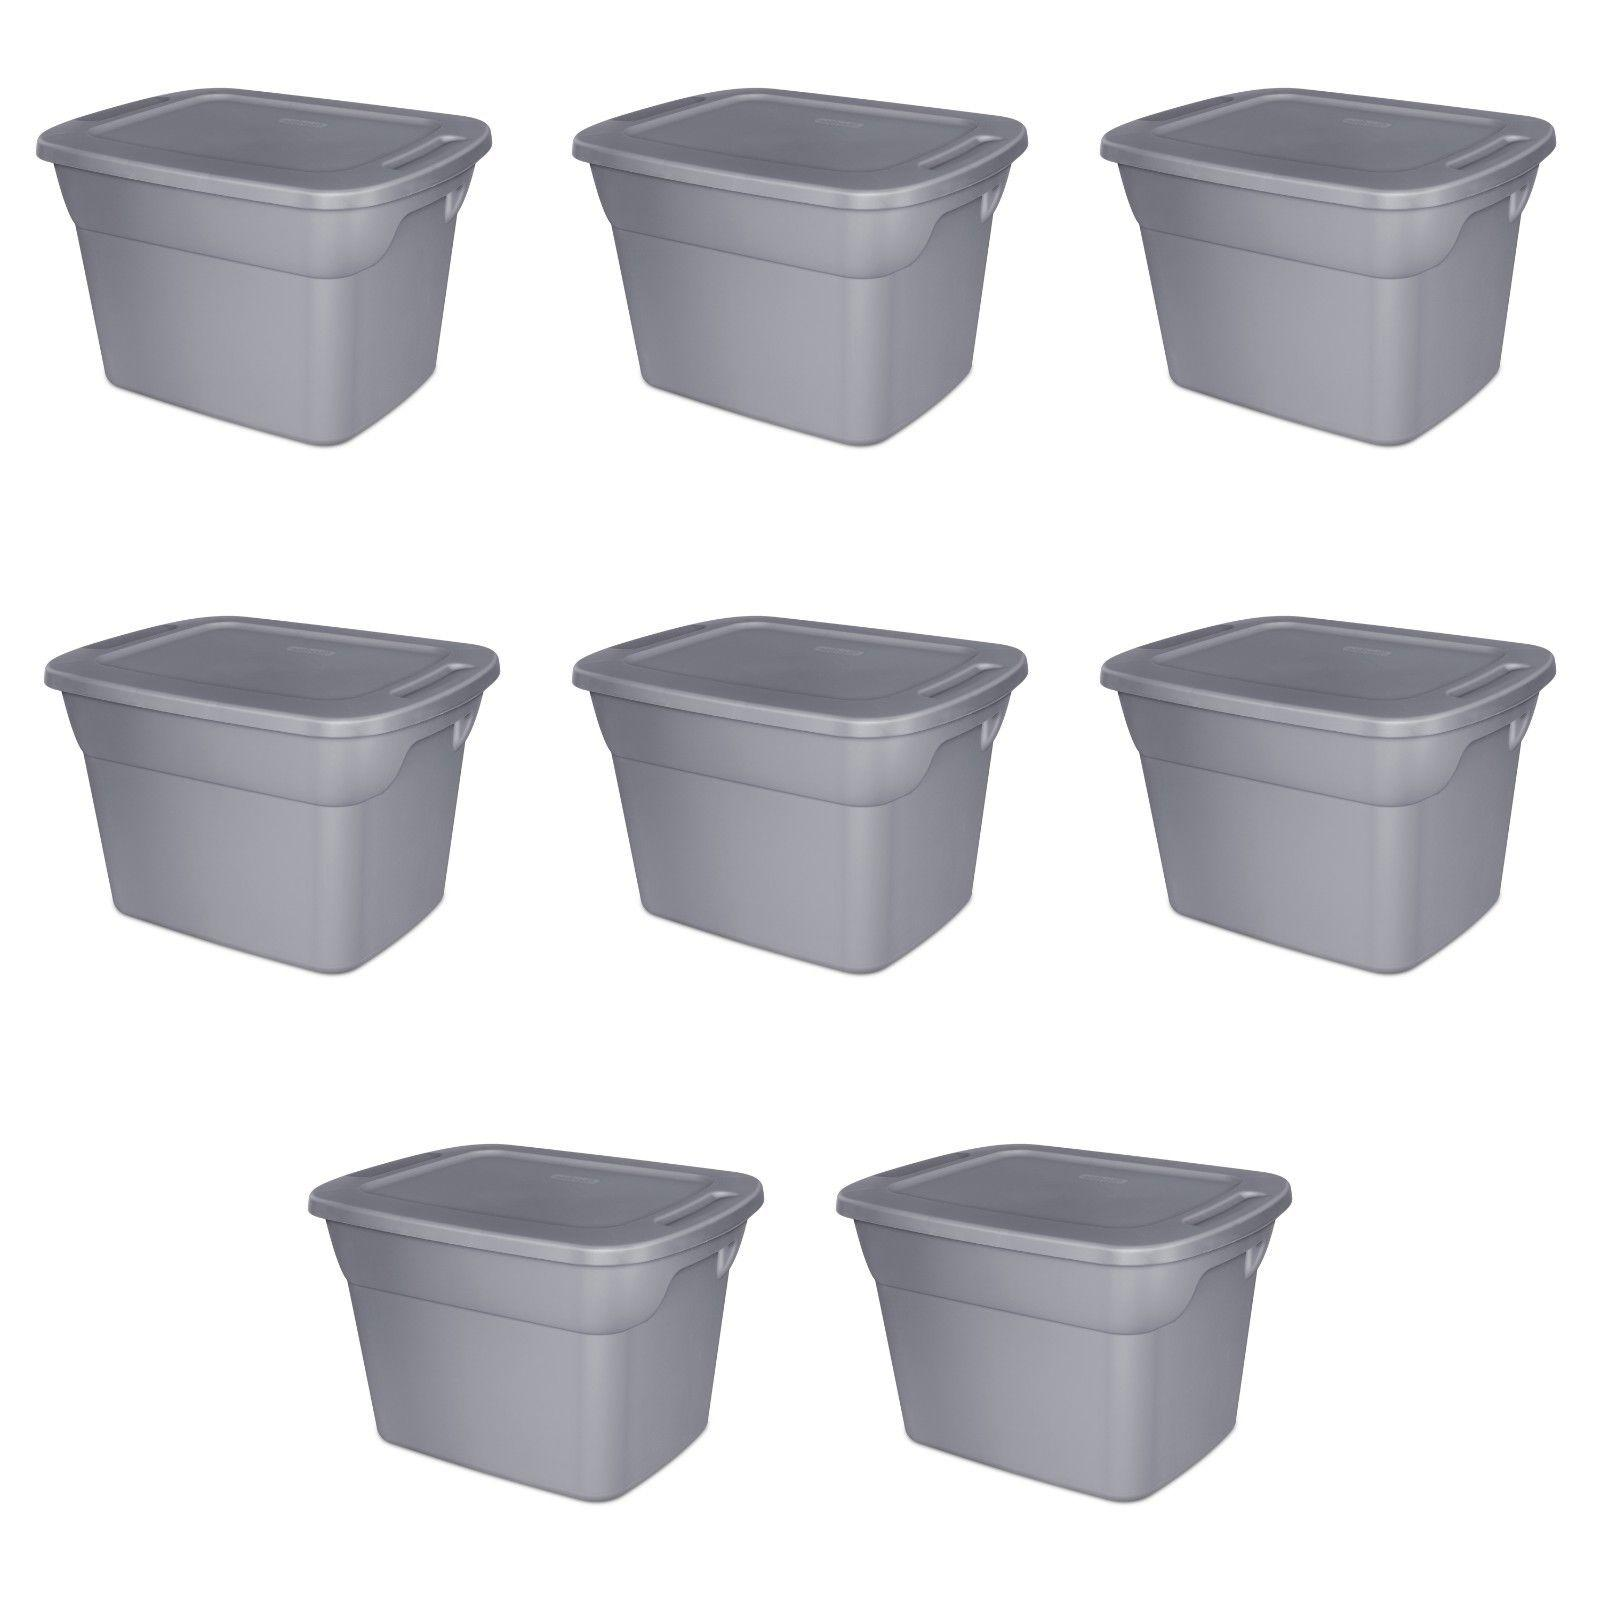 8 STORAGE CONTAINERS 18 Sterilite Tote Box Bin Lid